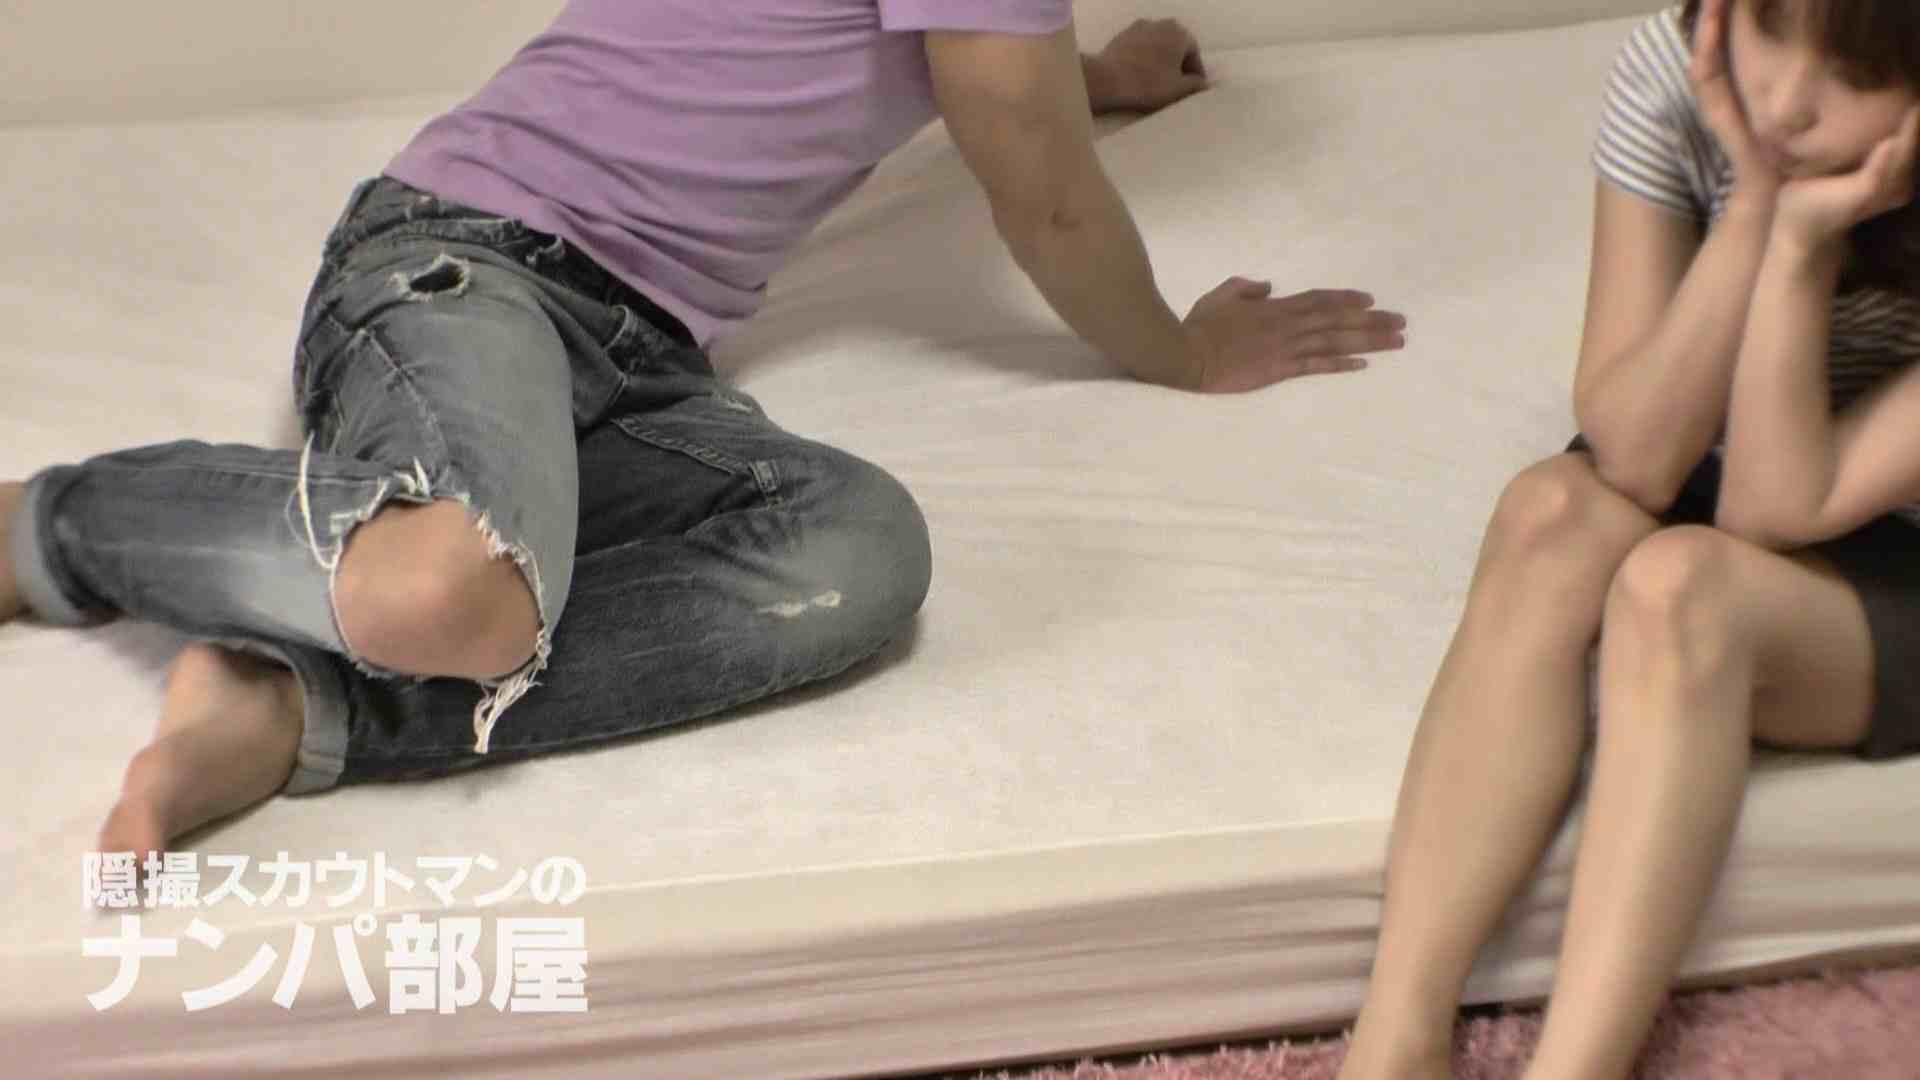 隠撮スカウトマンのナンパ部屋~風俗デビュー前のつまみ食い~ siivol.3 隠撮  105連発 36